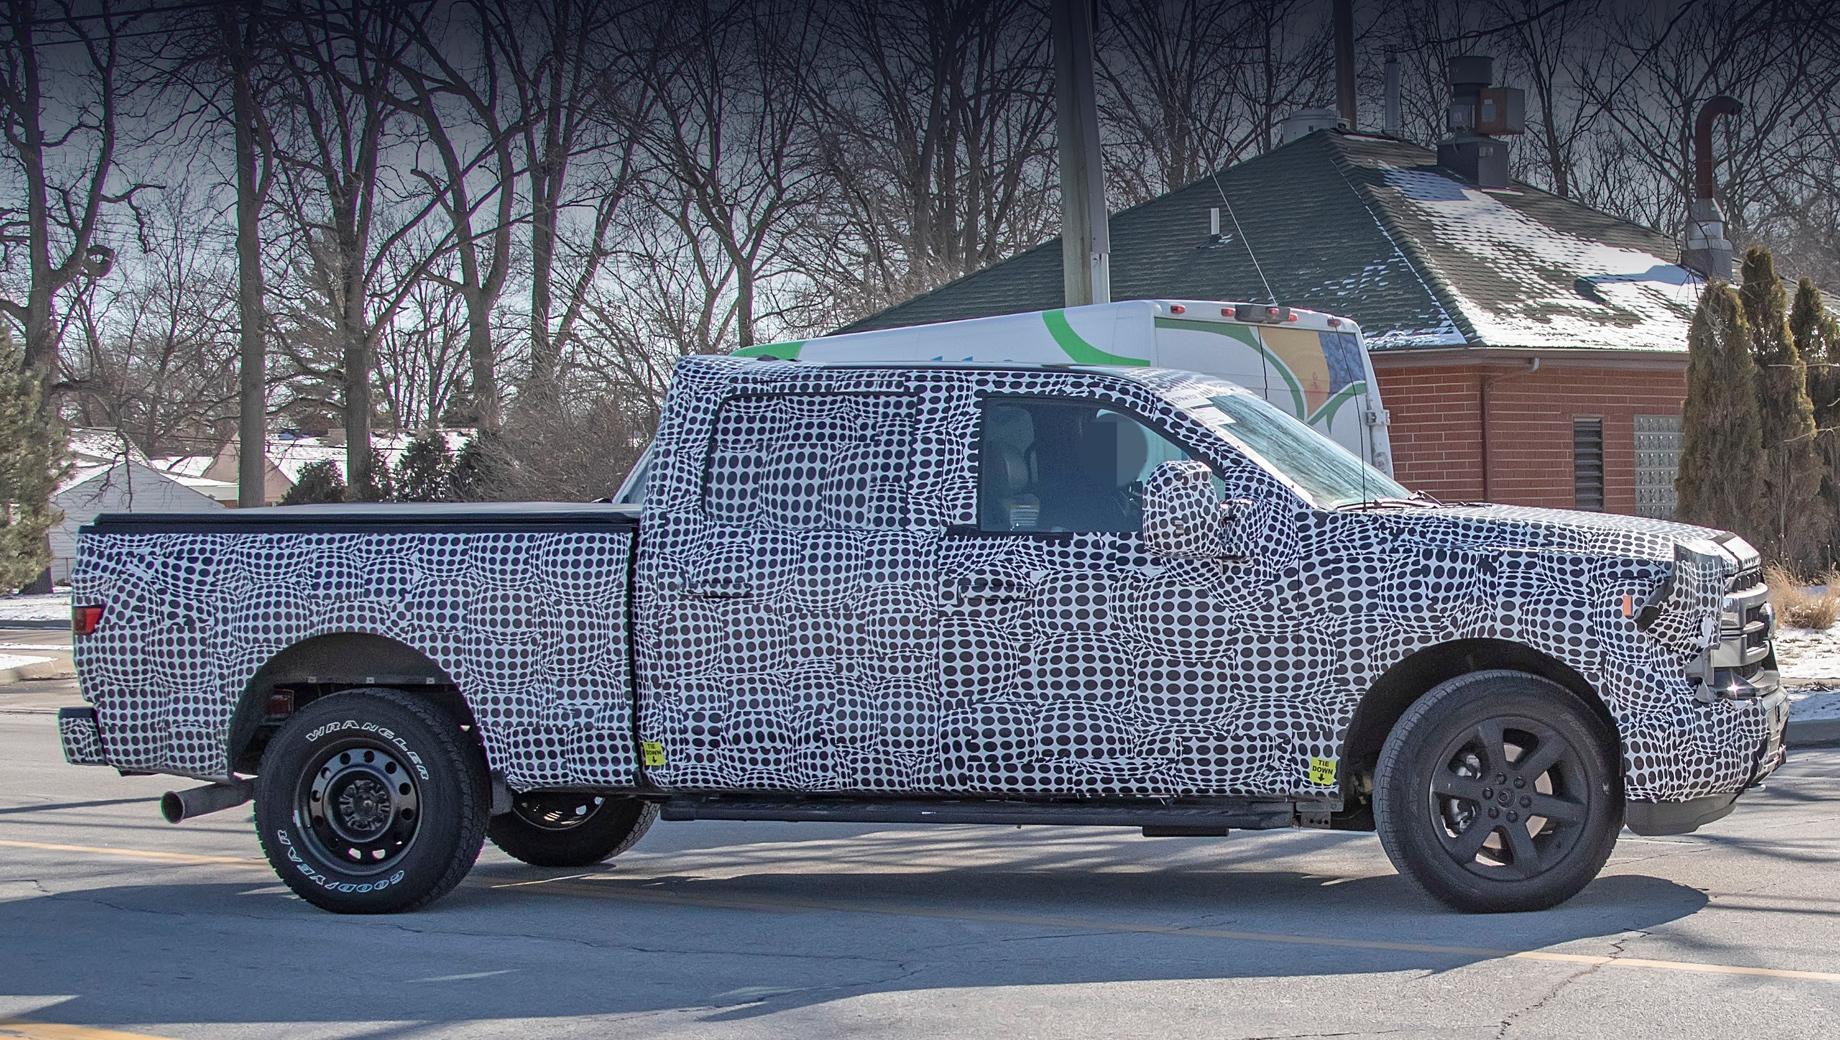 Ford f-150. На испытаниях замечены пикапы с разными версиями решёток радиатора и с разными колёсными дисками.